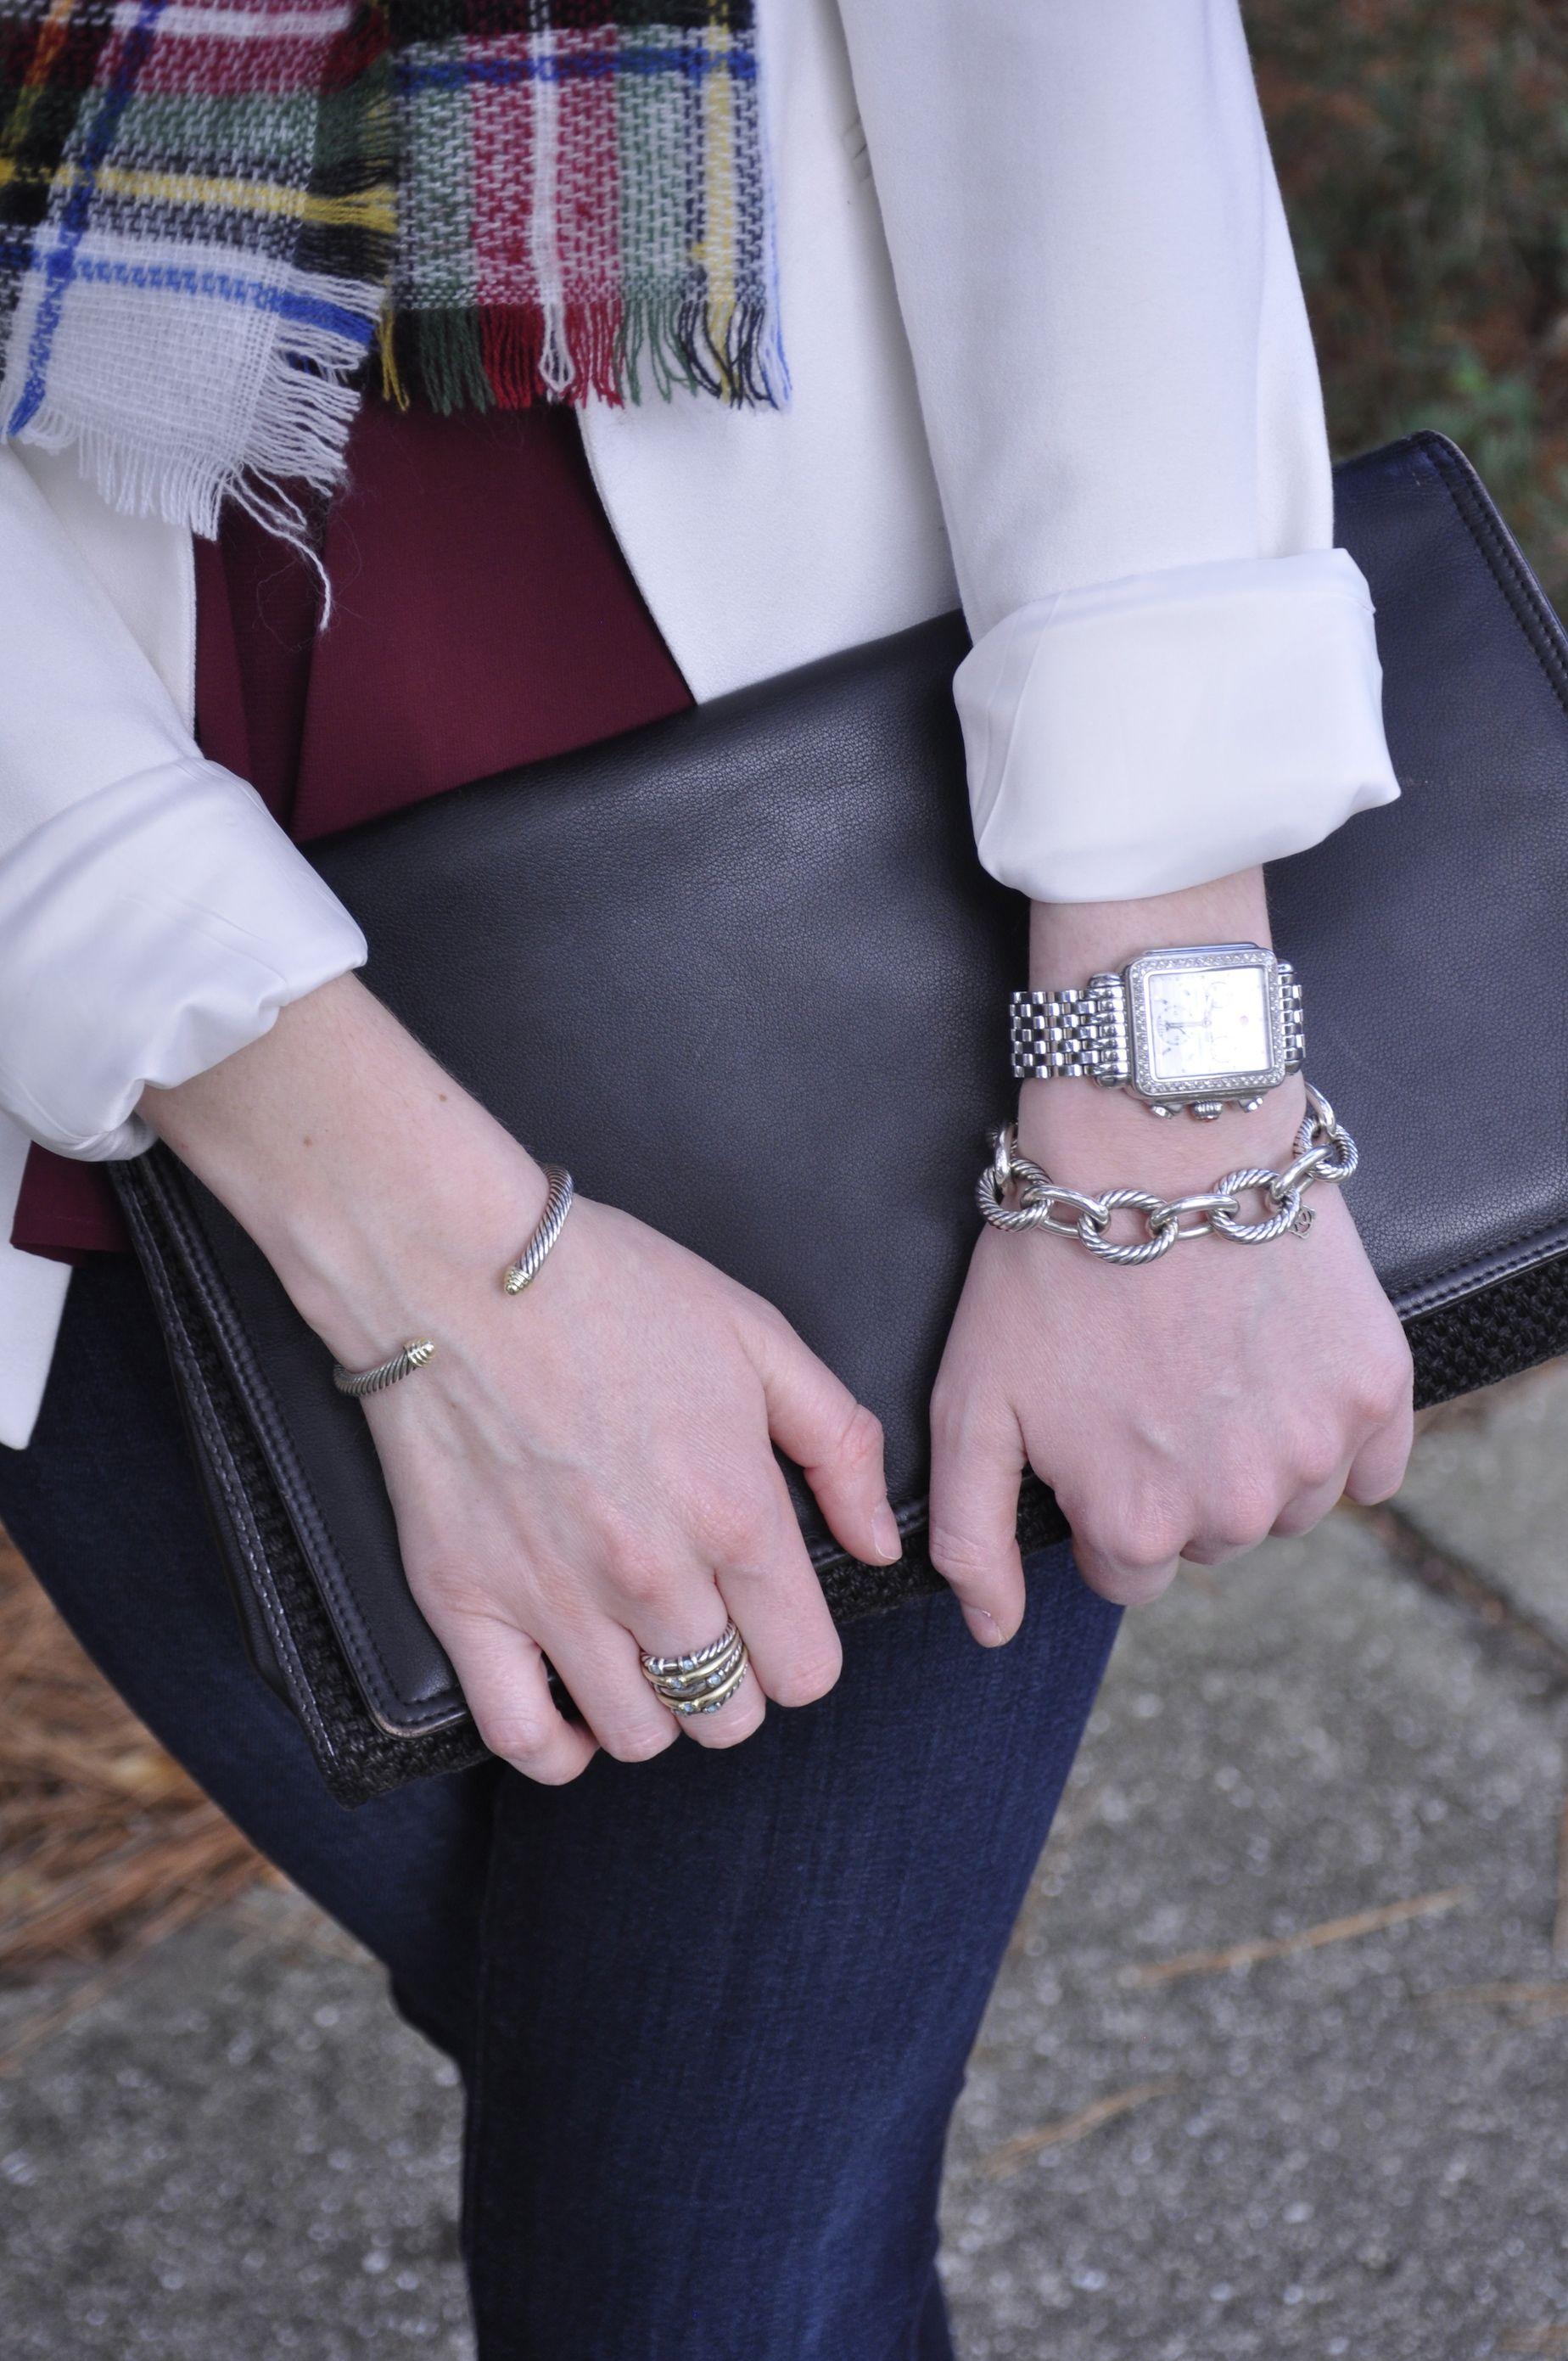 31a7fcb27 Michele Watch | David Yurman Bracelets | Fall | Winter in 2019 ...